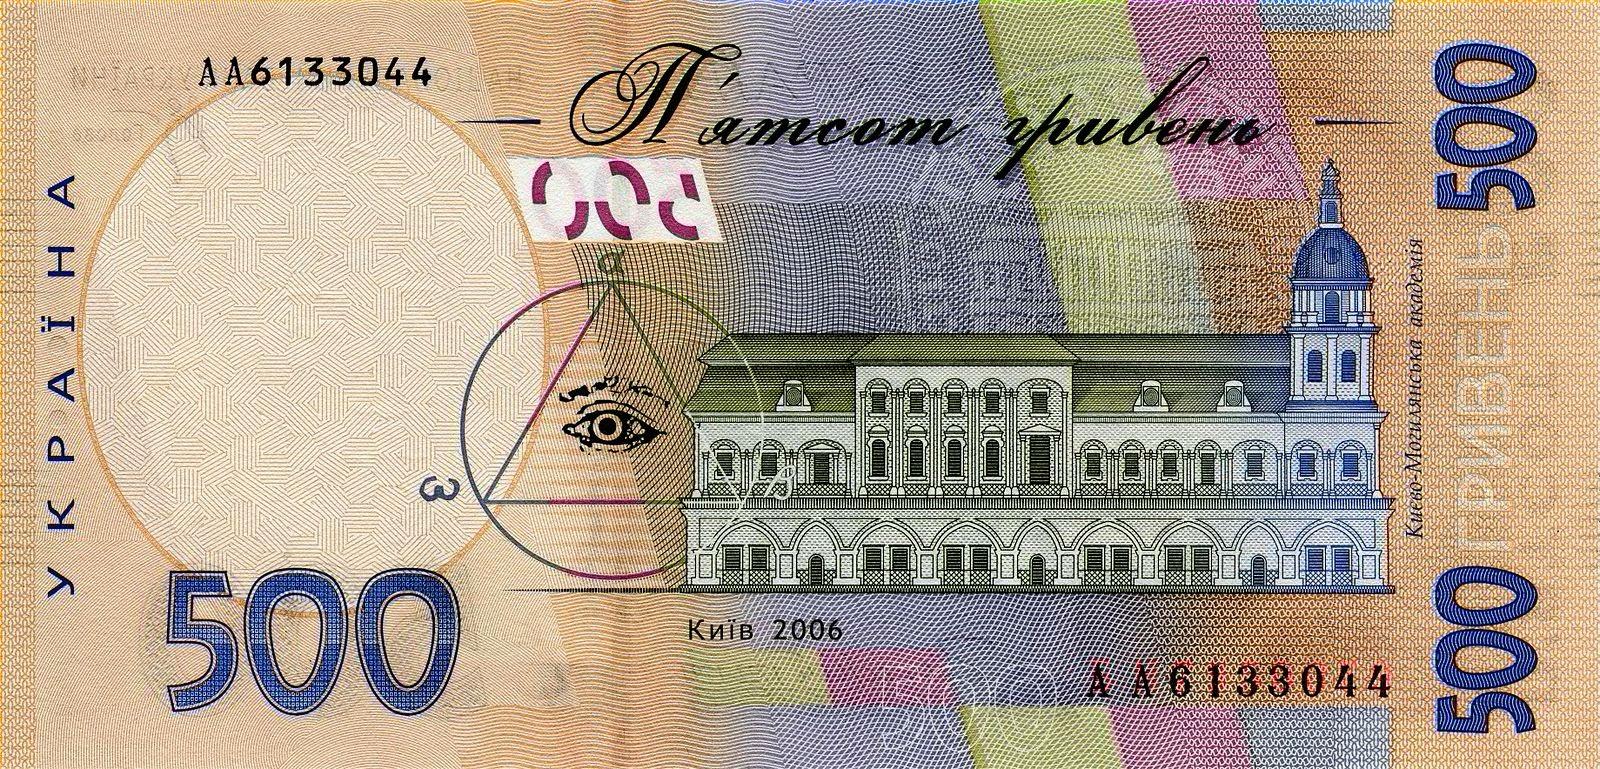 La guerre froide II? En Ukraine, c'est la guerre entre l'OTAN et la Russie  Ukraine-2006-Bill-500-Reverse+(1)